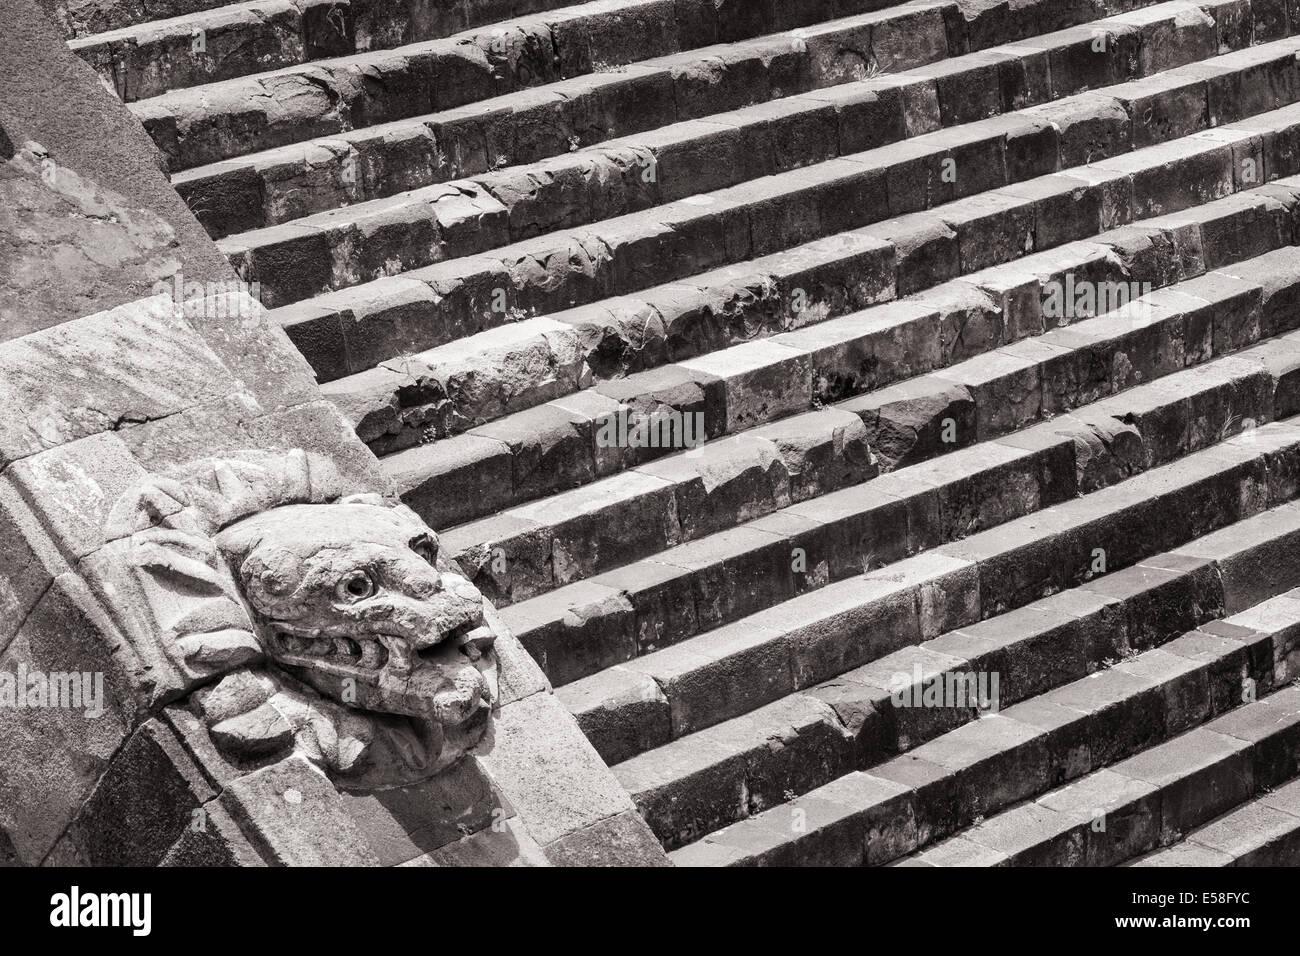 Image Monochrome d'une tête de serpent et des étapes dans le Temple de Quetzalcoatl, Teotihuacan, au Mexique. Banque D'Images